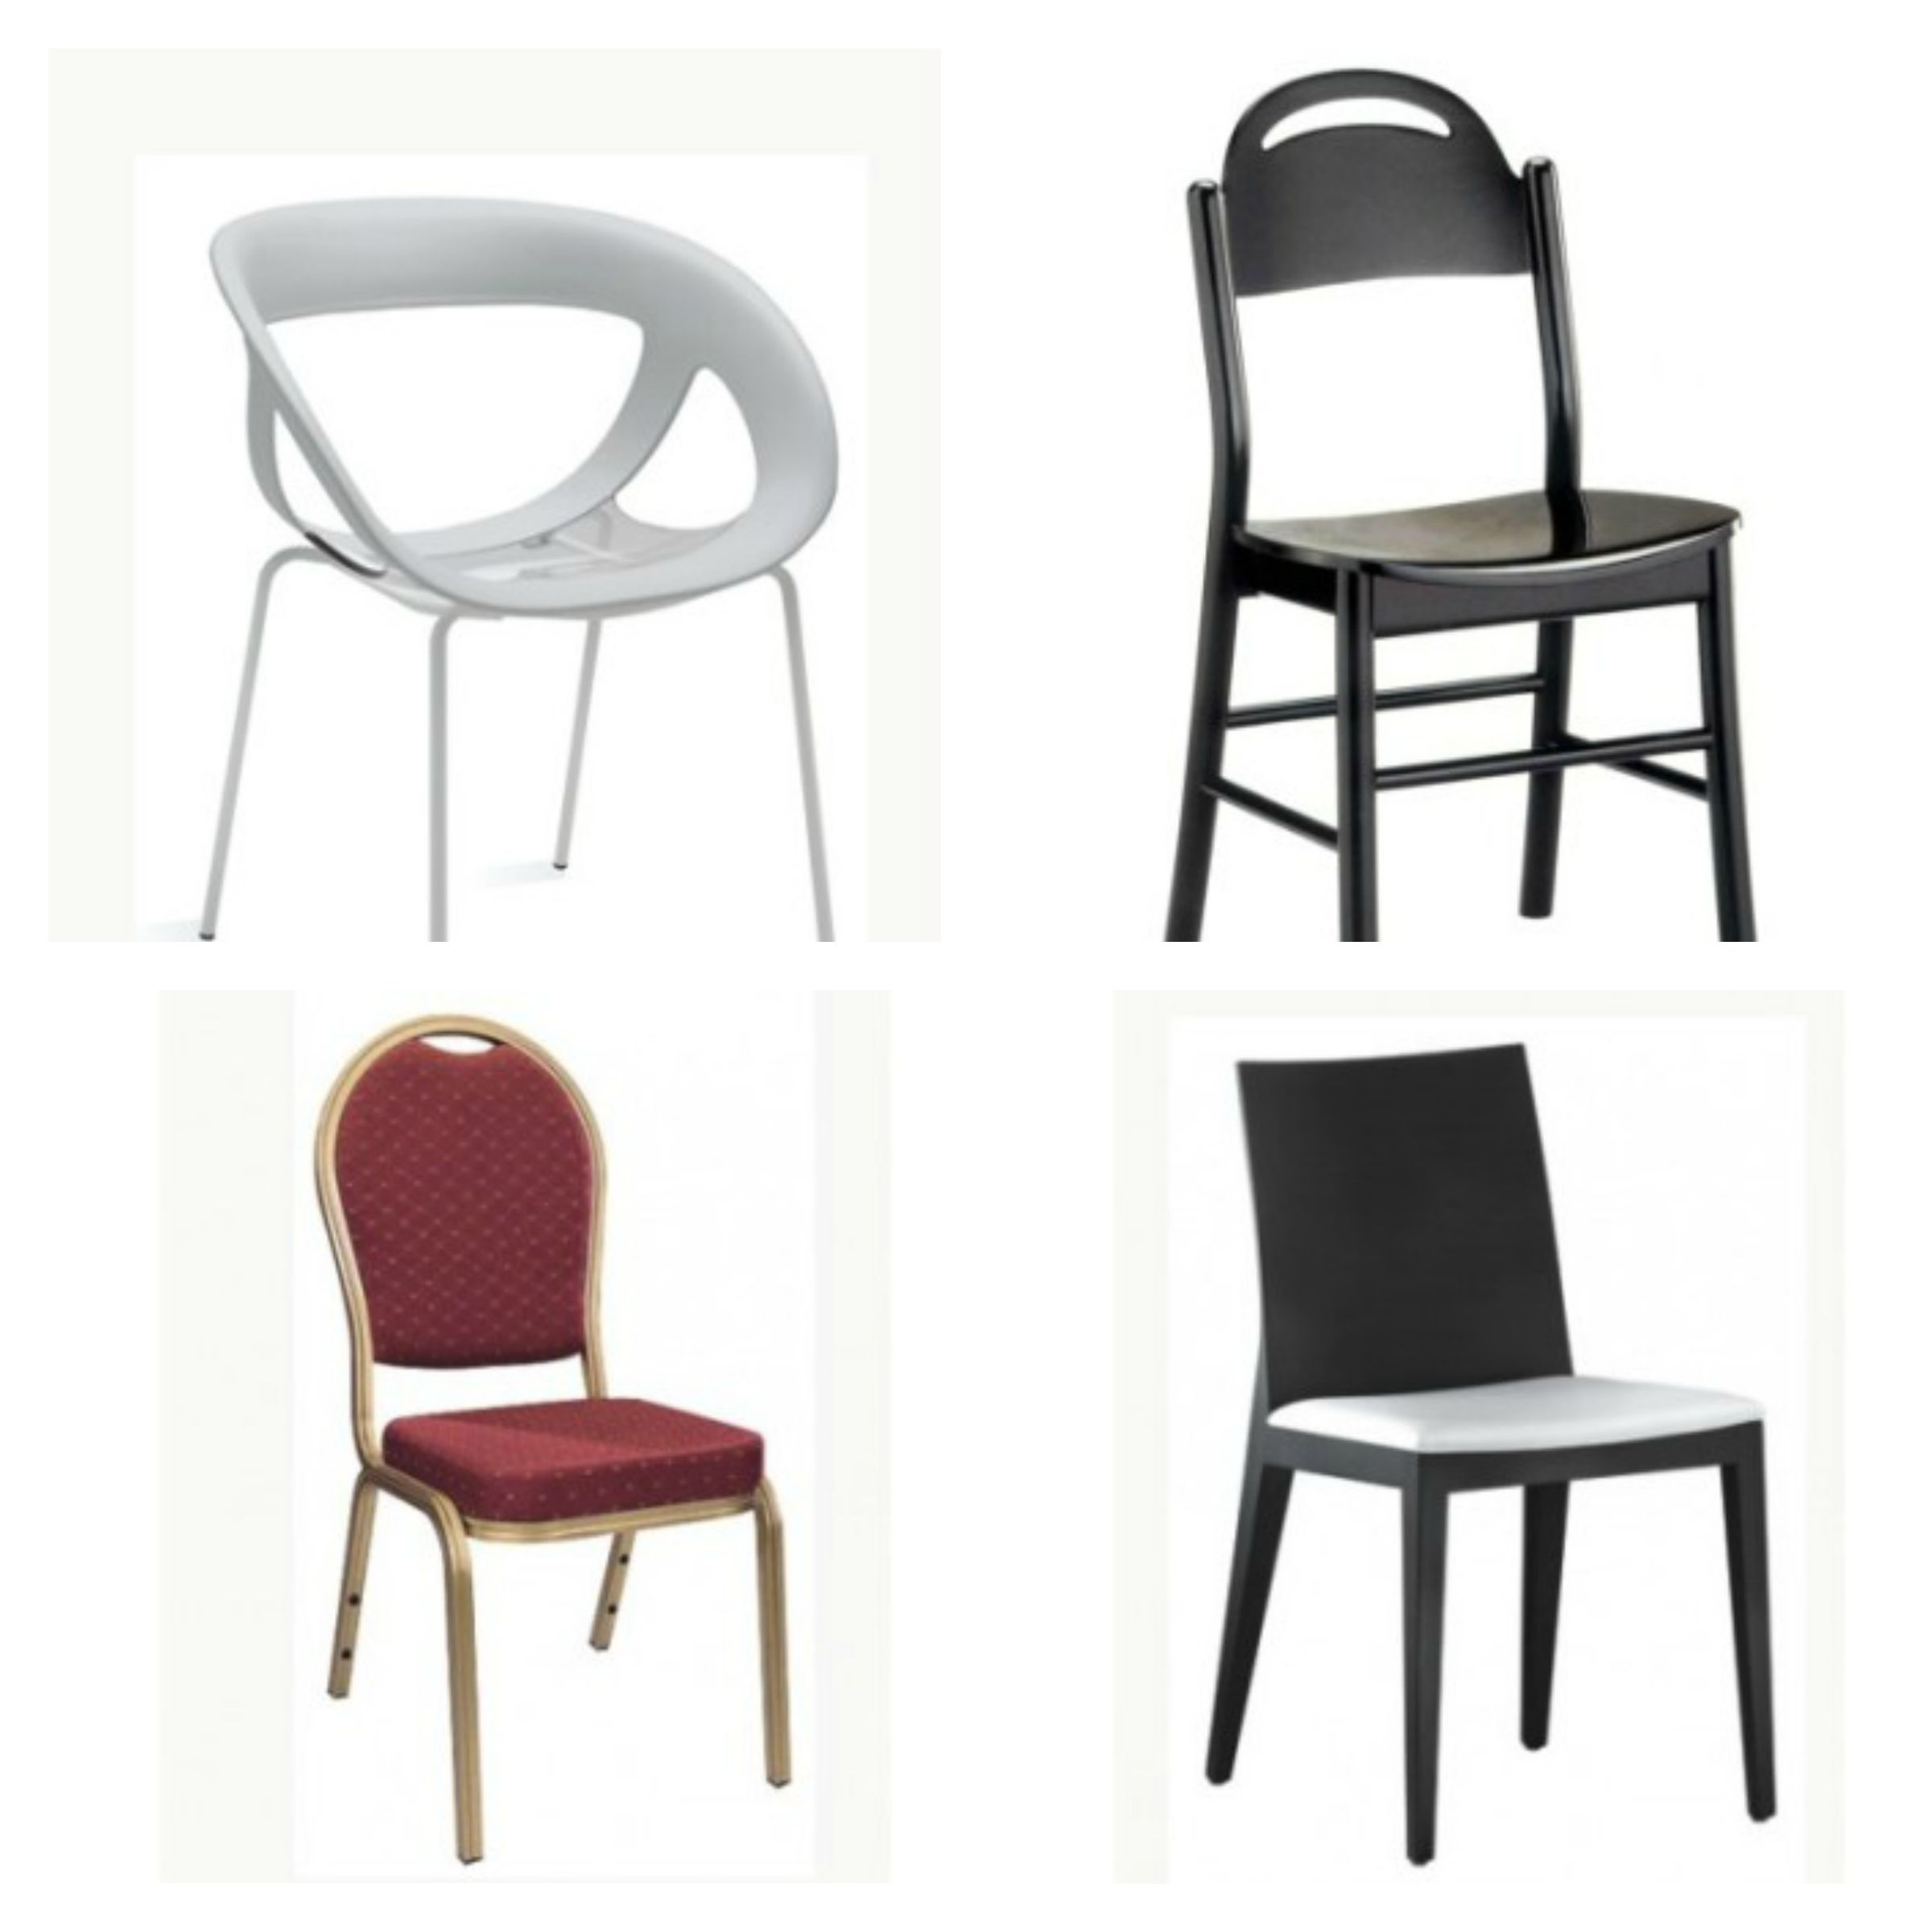 Sedie per negozi e locali pubblici emerson for Negozi sedie ufficio